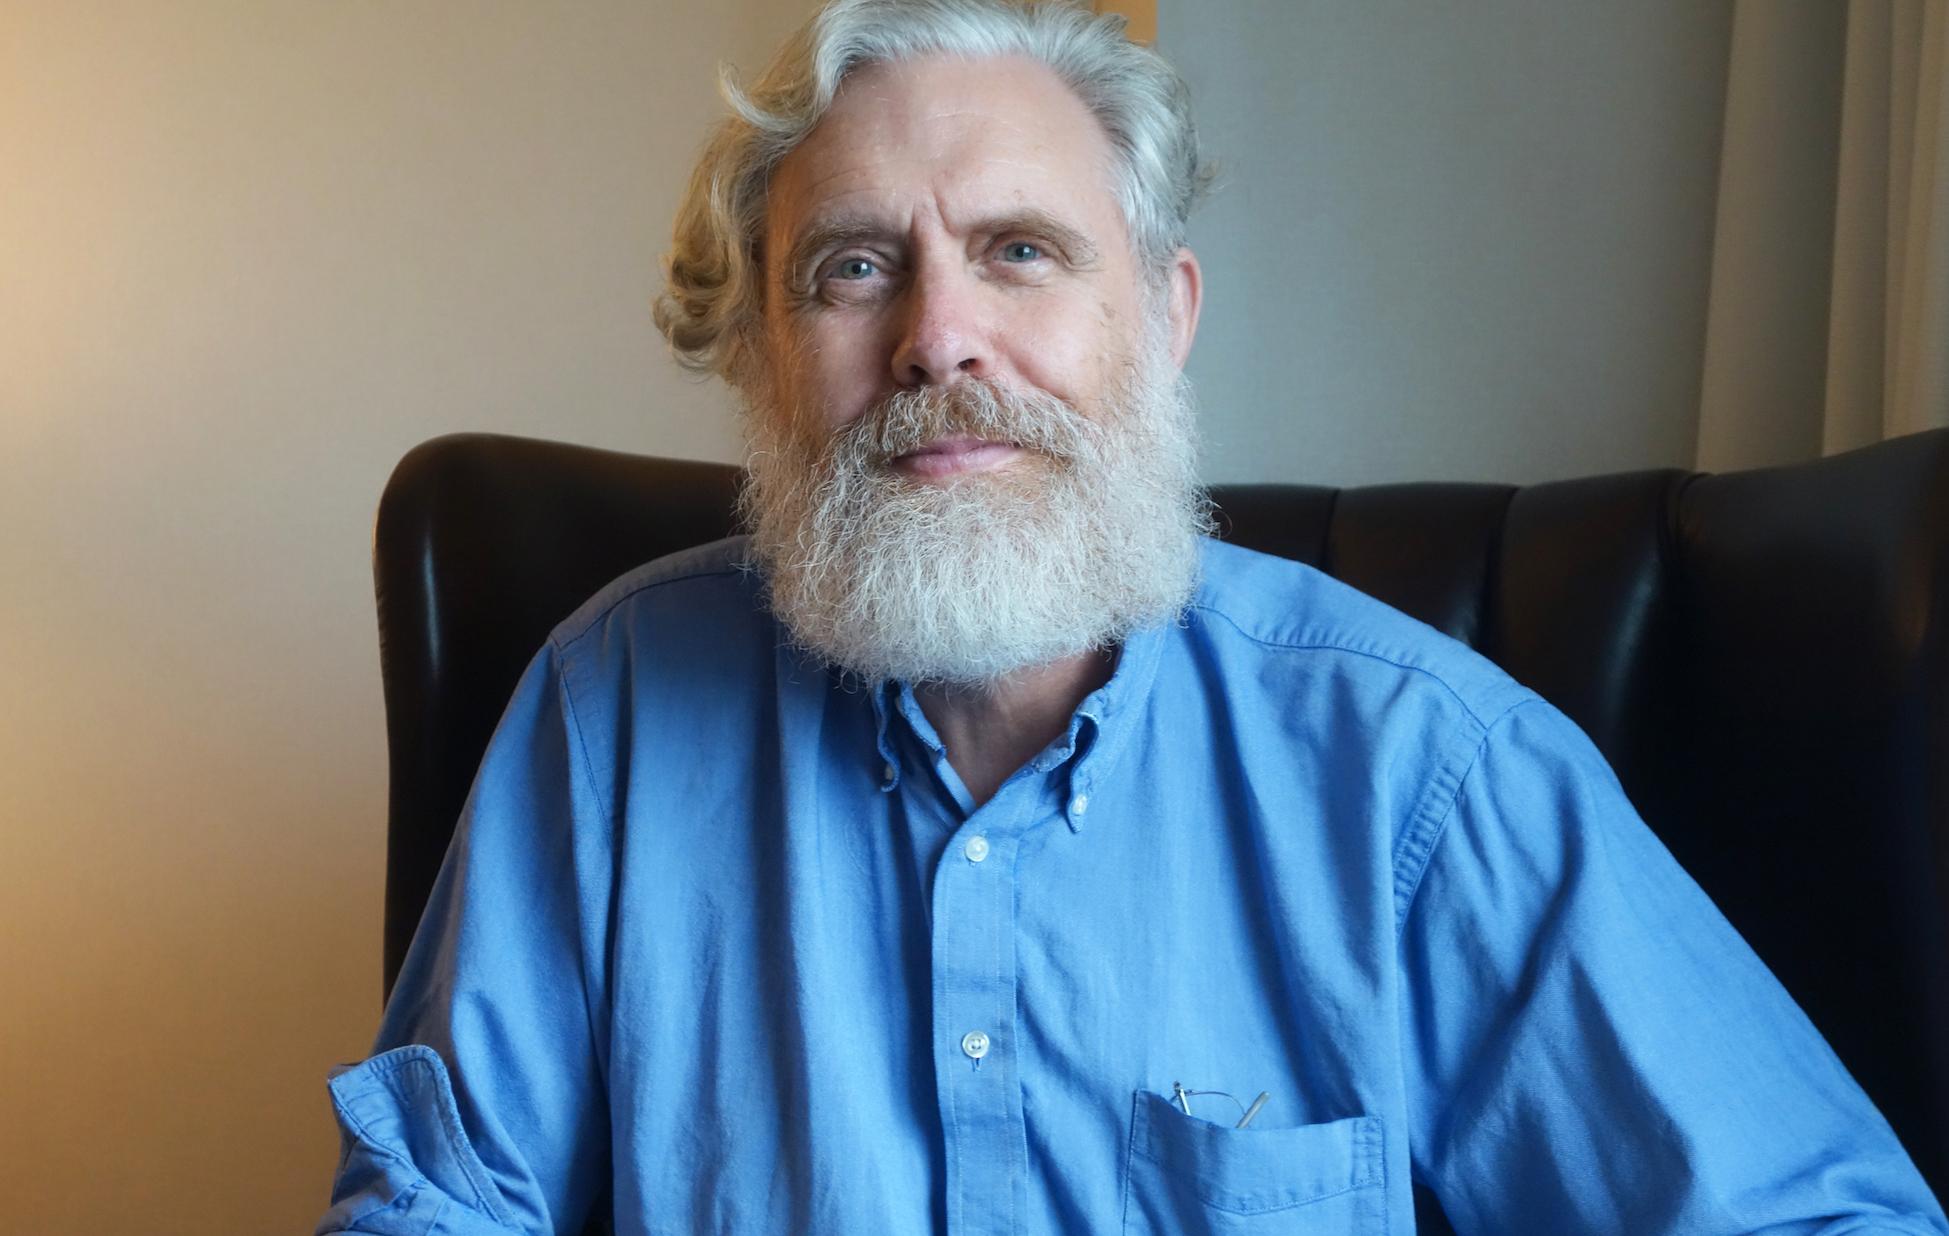 El biólogo de Harvard George Church está trabajando en tecnología para revertir el envejecimiento en perros y humanos.